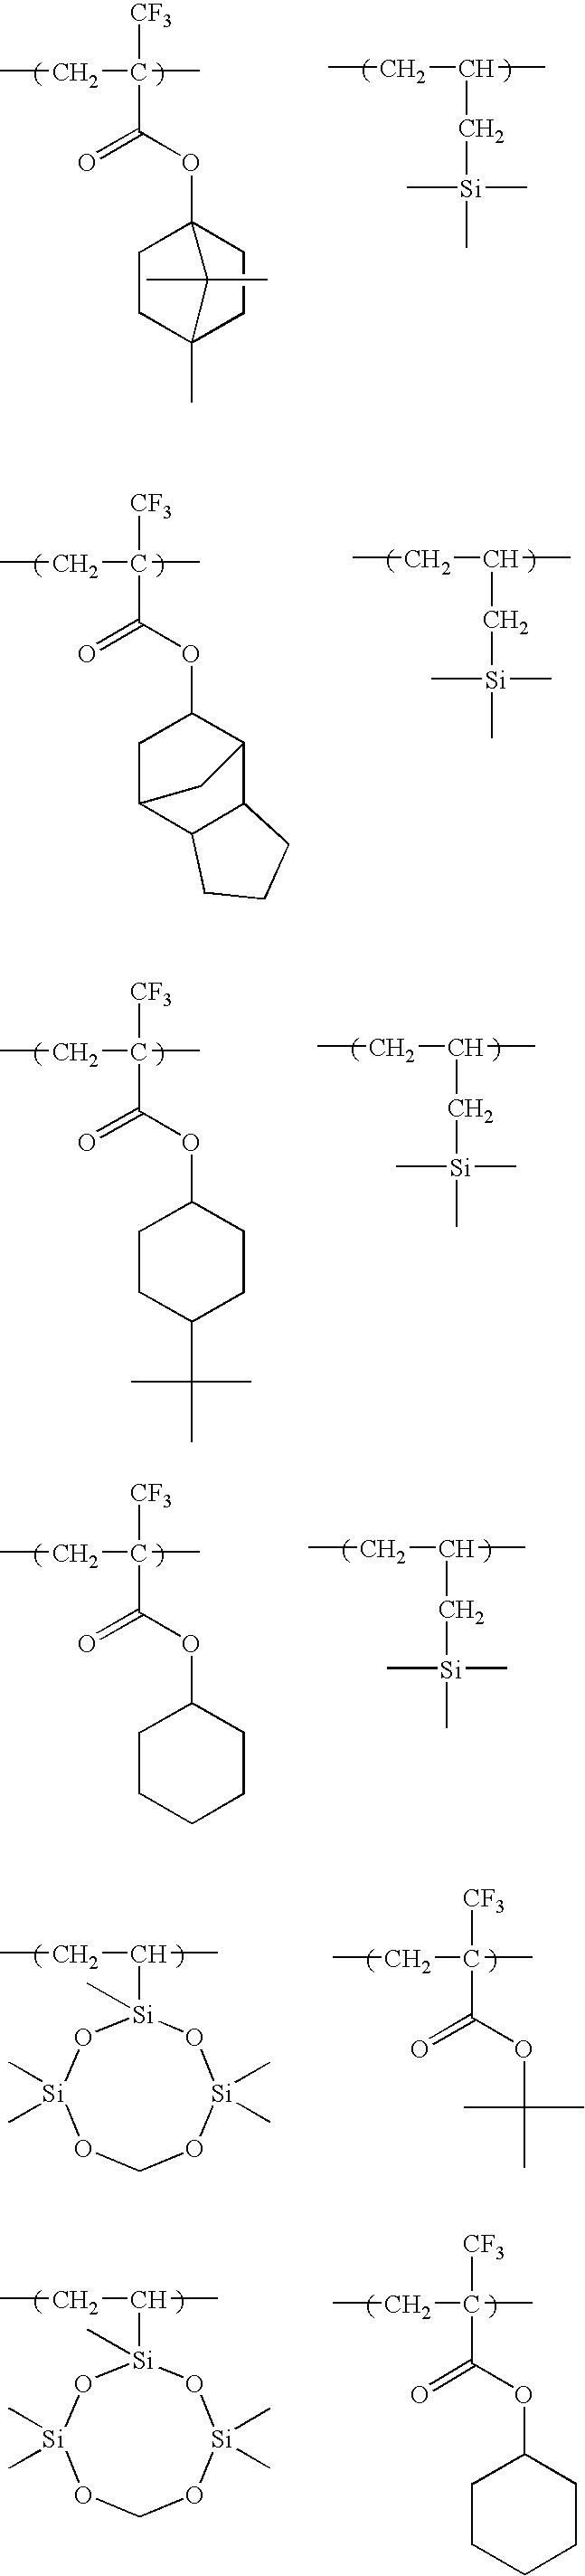 Figure US07985534-20110726-C00082